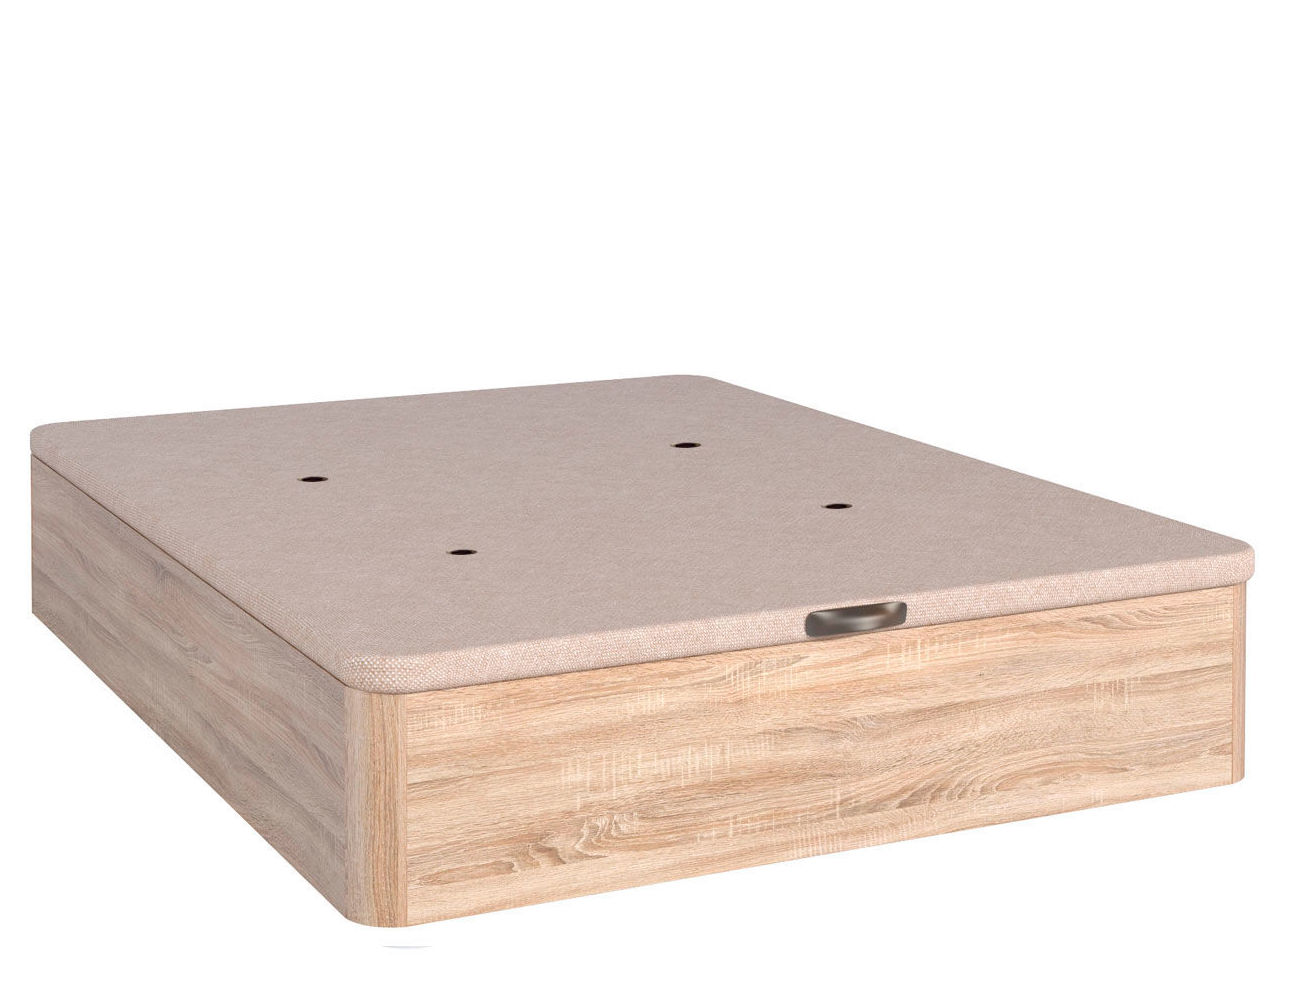 Canap madera reforzado d25 catalogo de aqu colch n for Oferta canape mas colchon